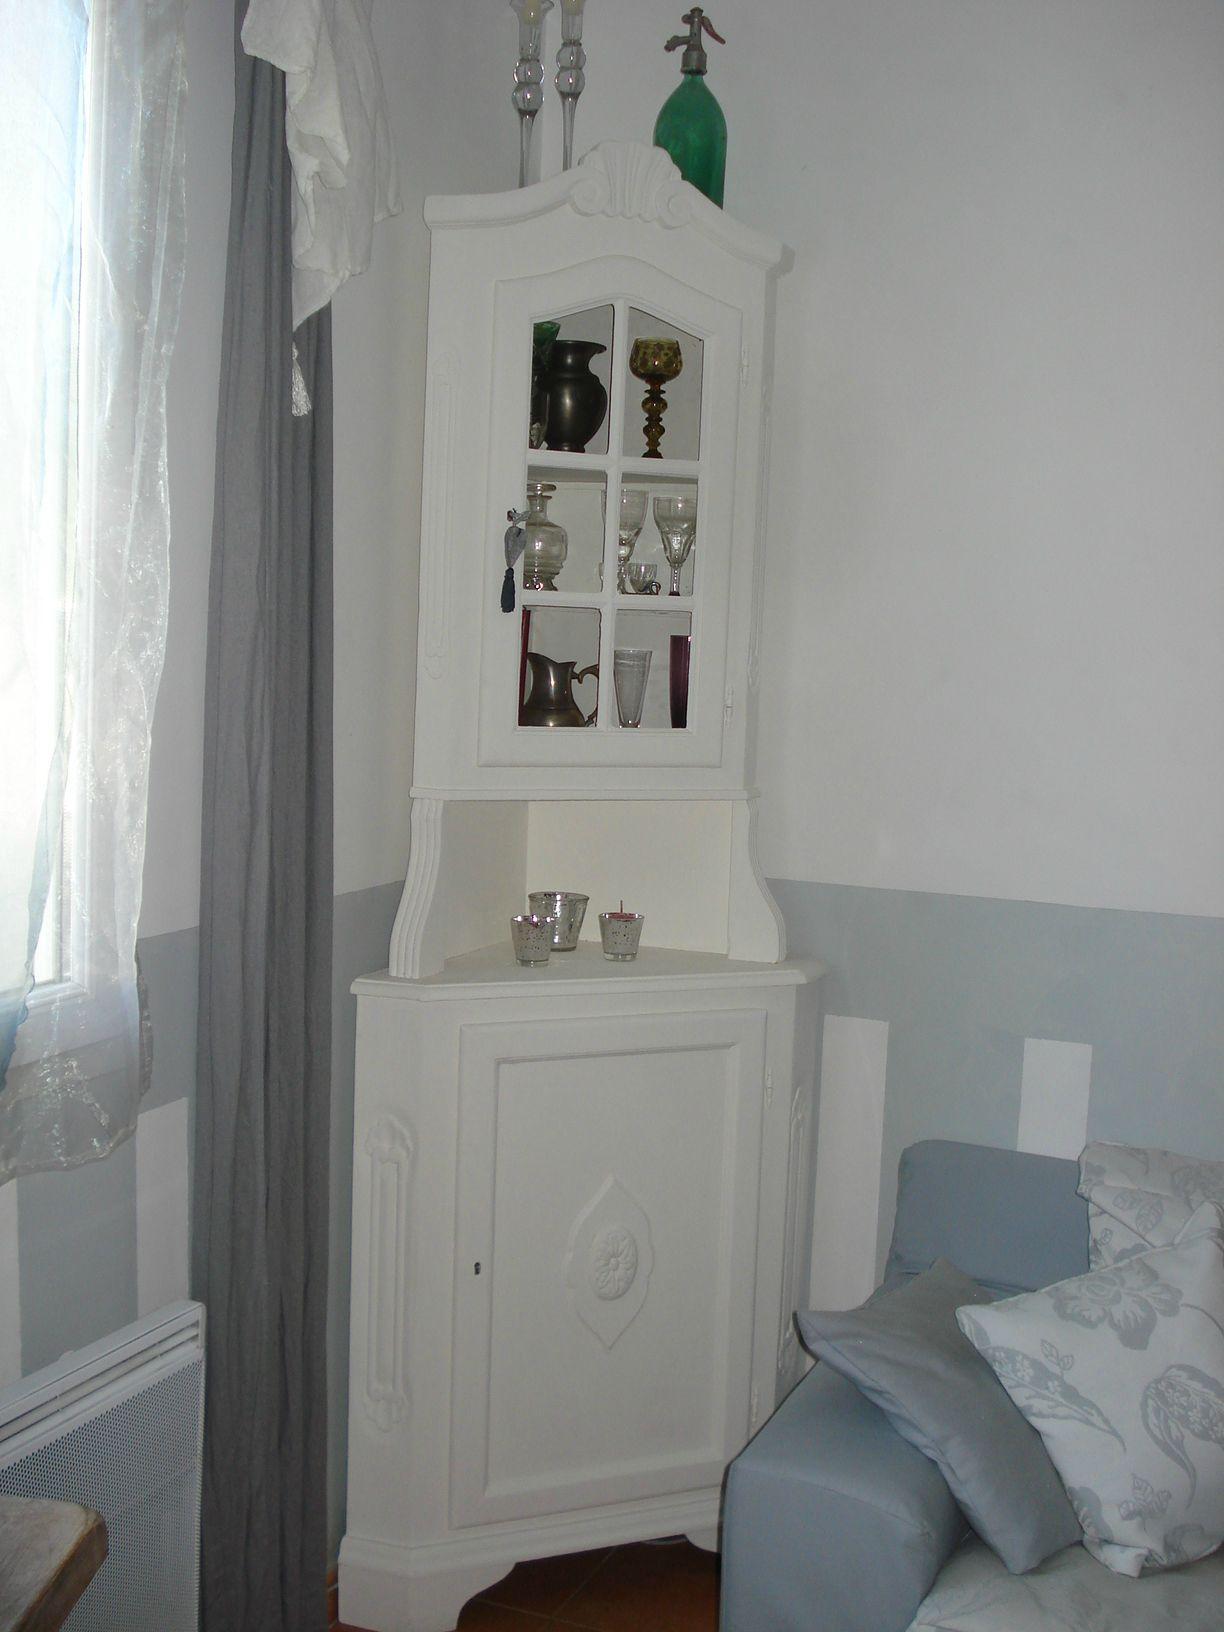 changement de d co de la partie jour 7 meuble d 39 angle. Black Bedroom Furniture Sets. Home Design Ideas